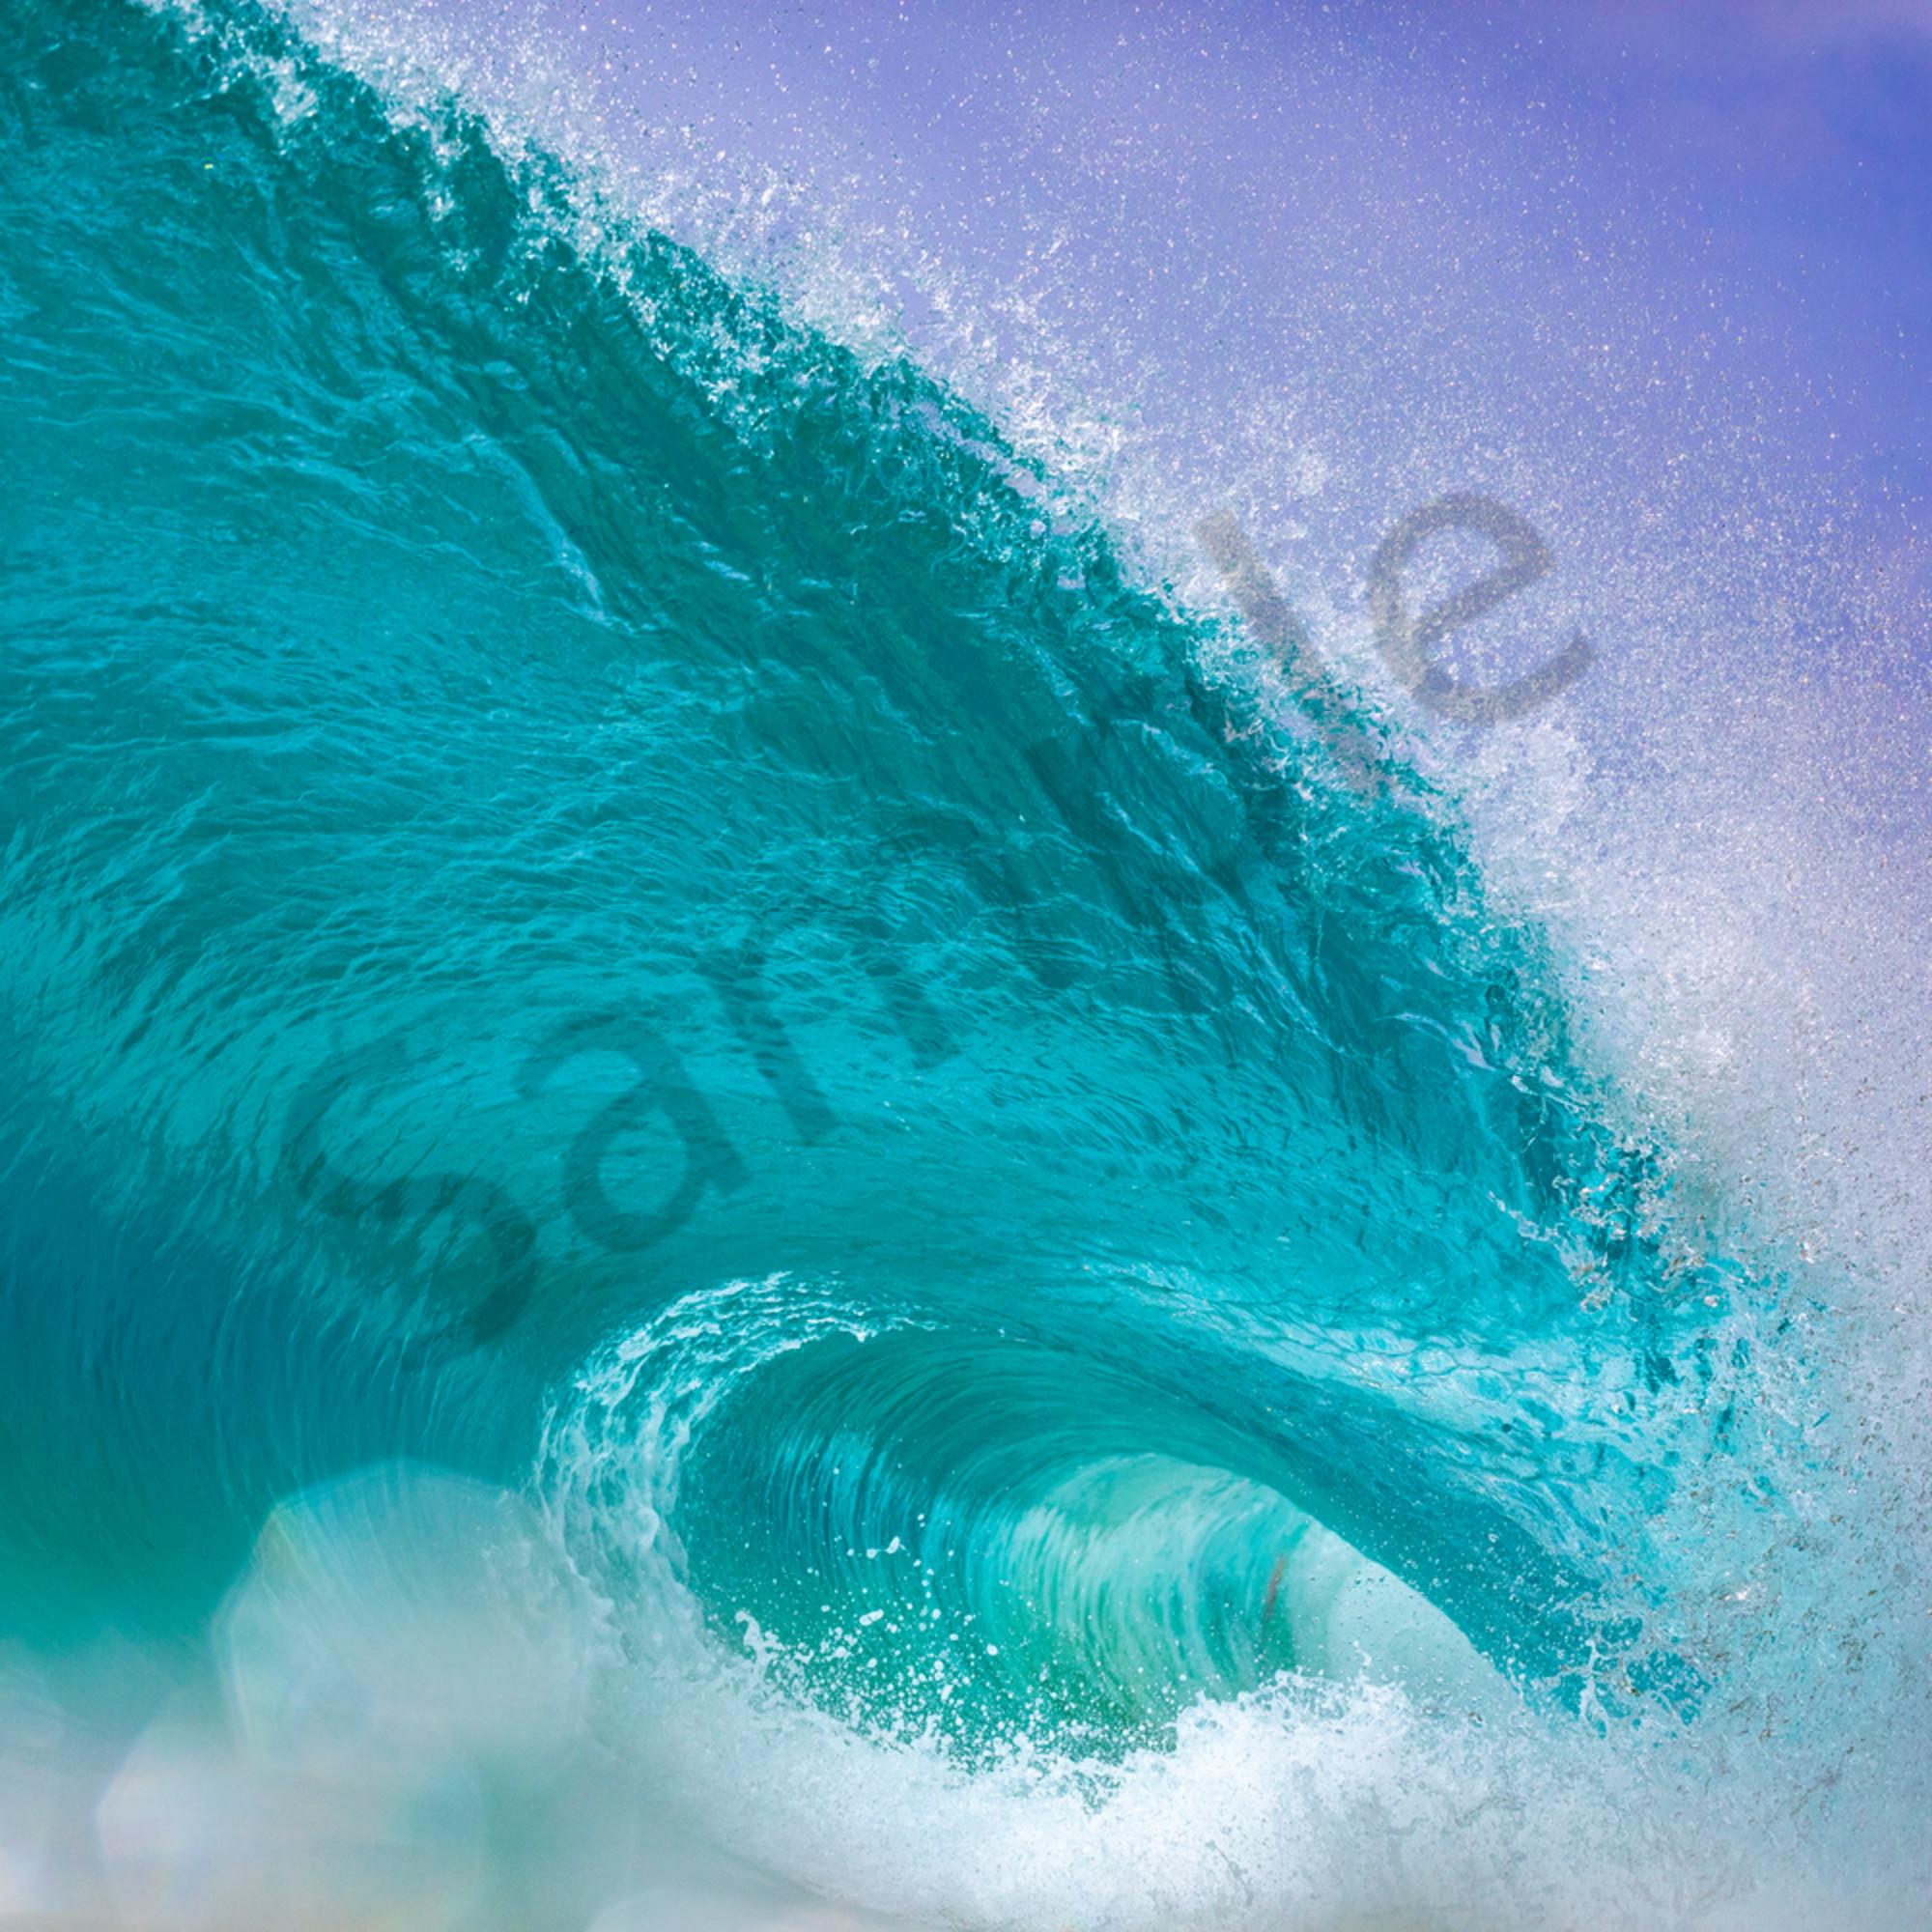 Sandy beach ww57 puhmhx